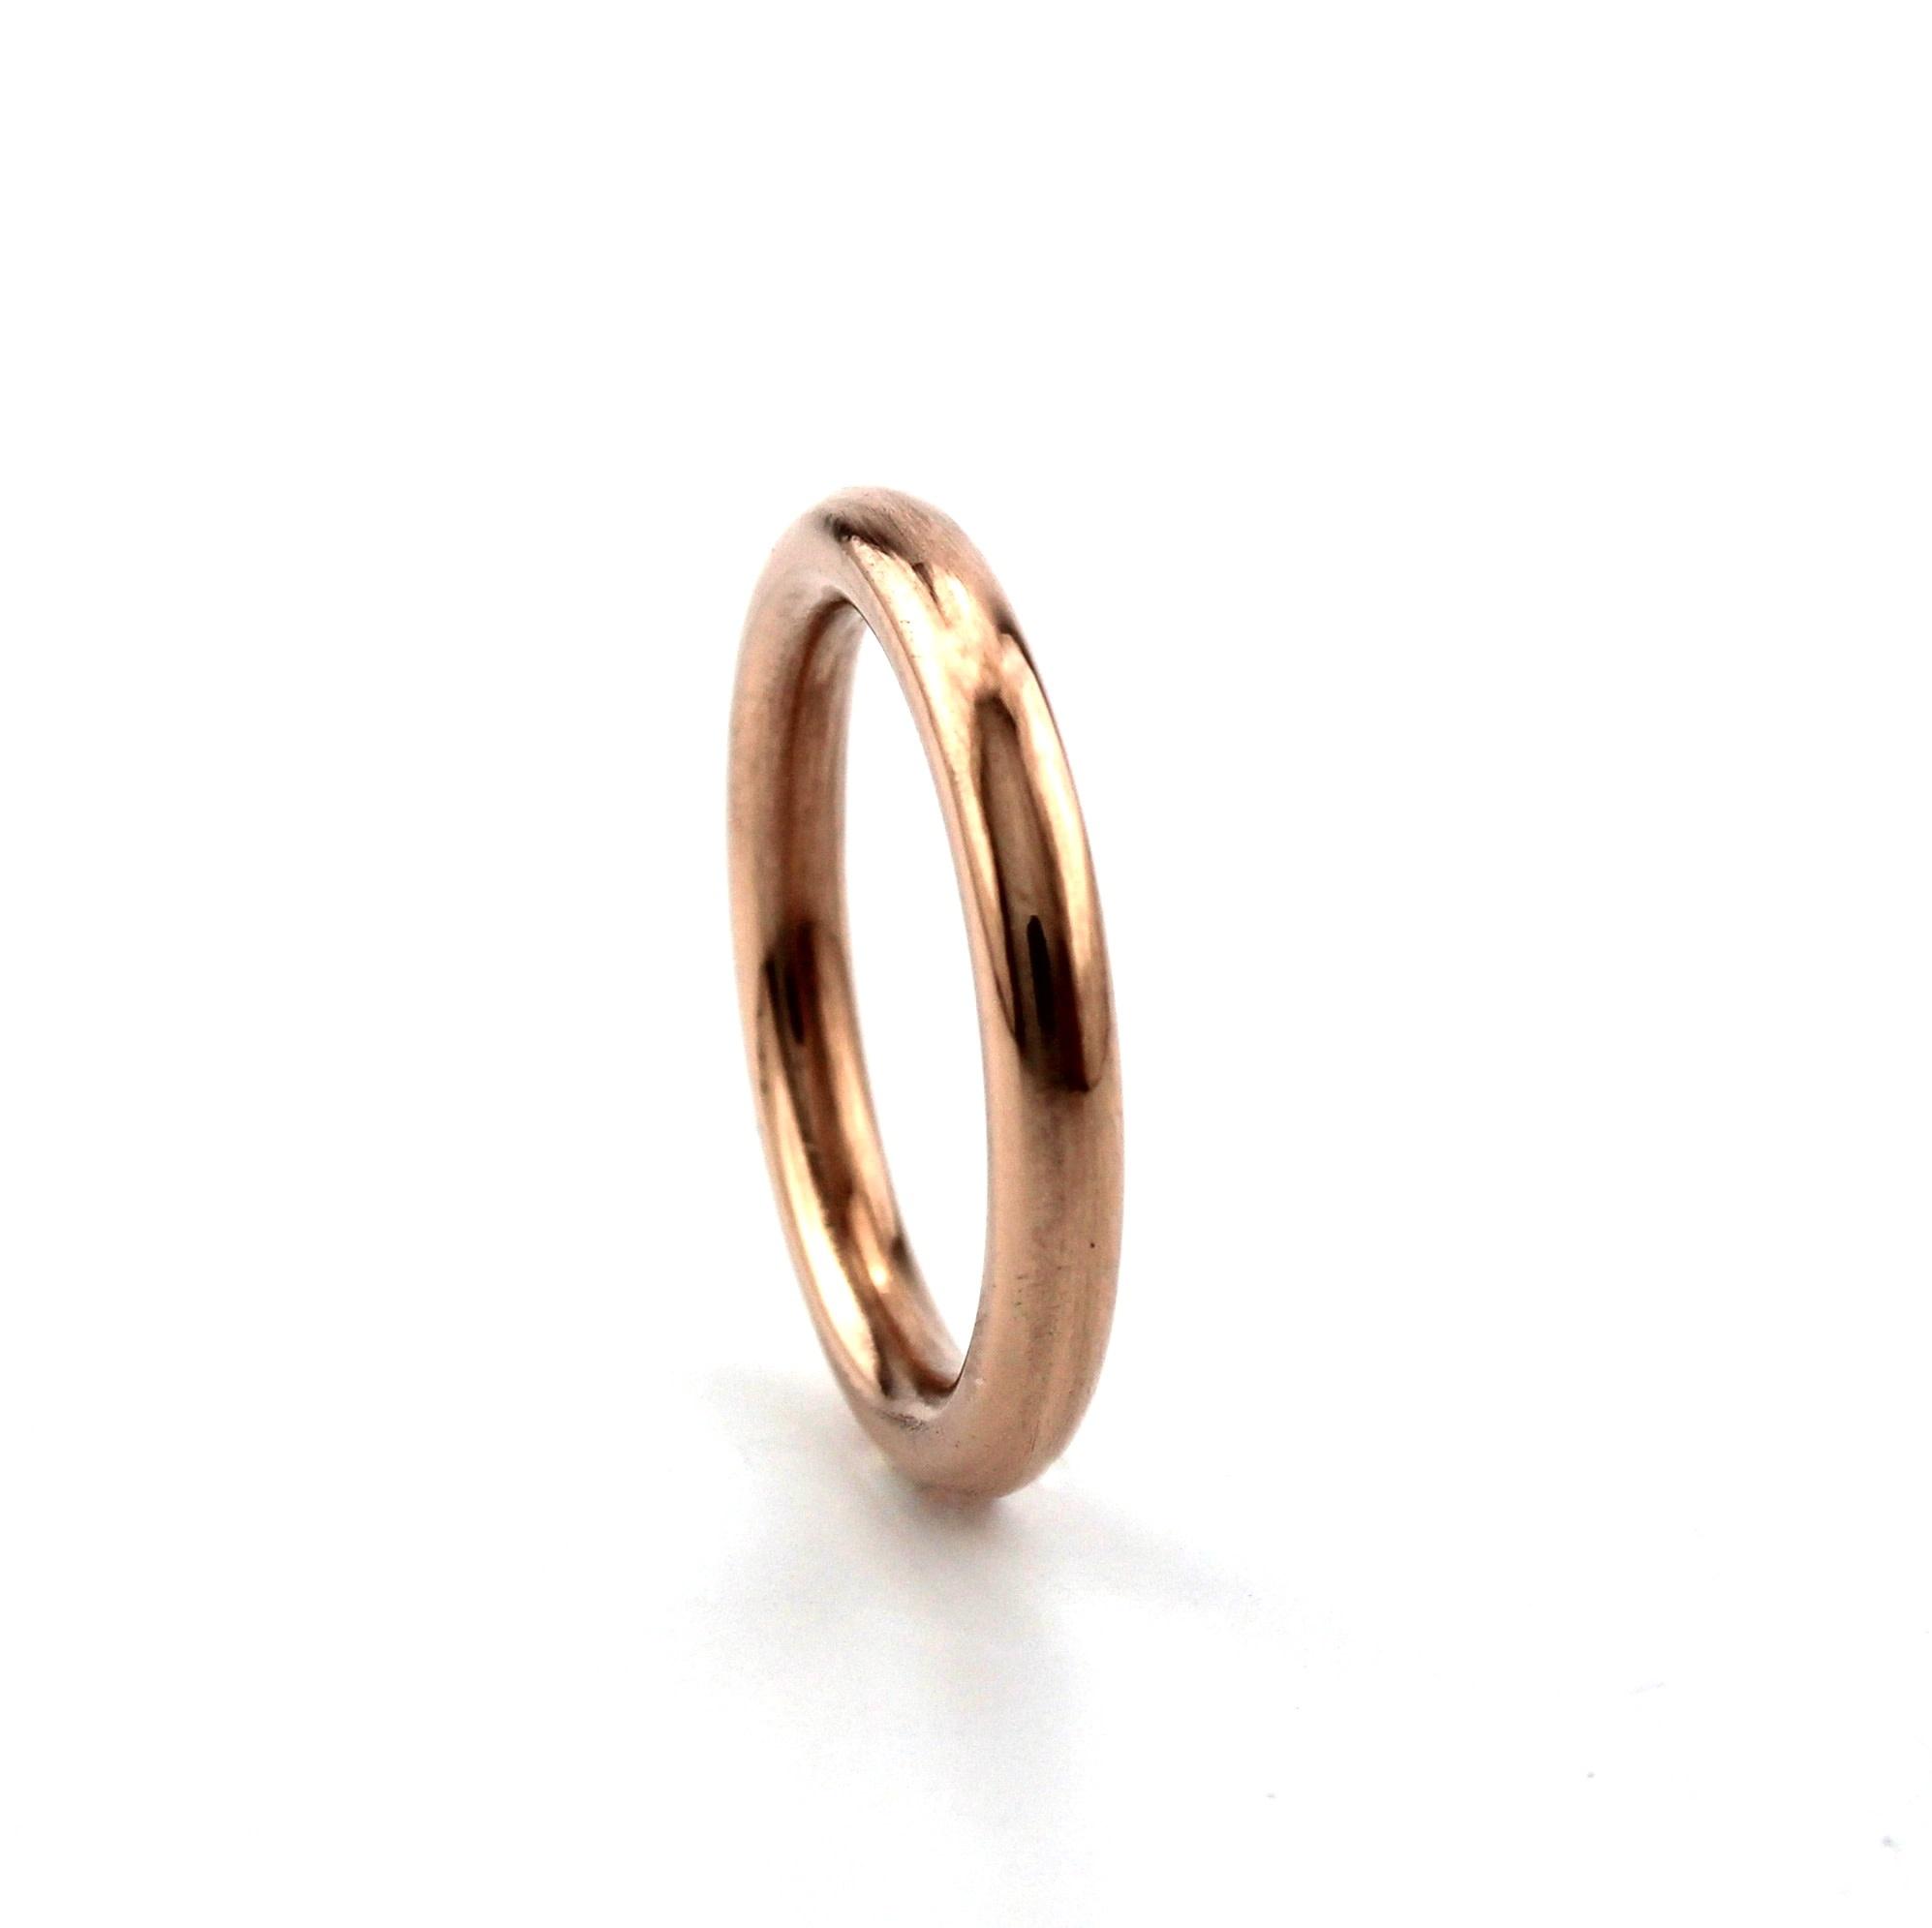 Tomylo Tomylo gladde ring rosegoud